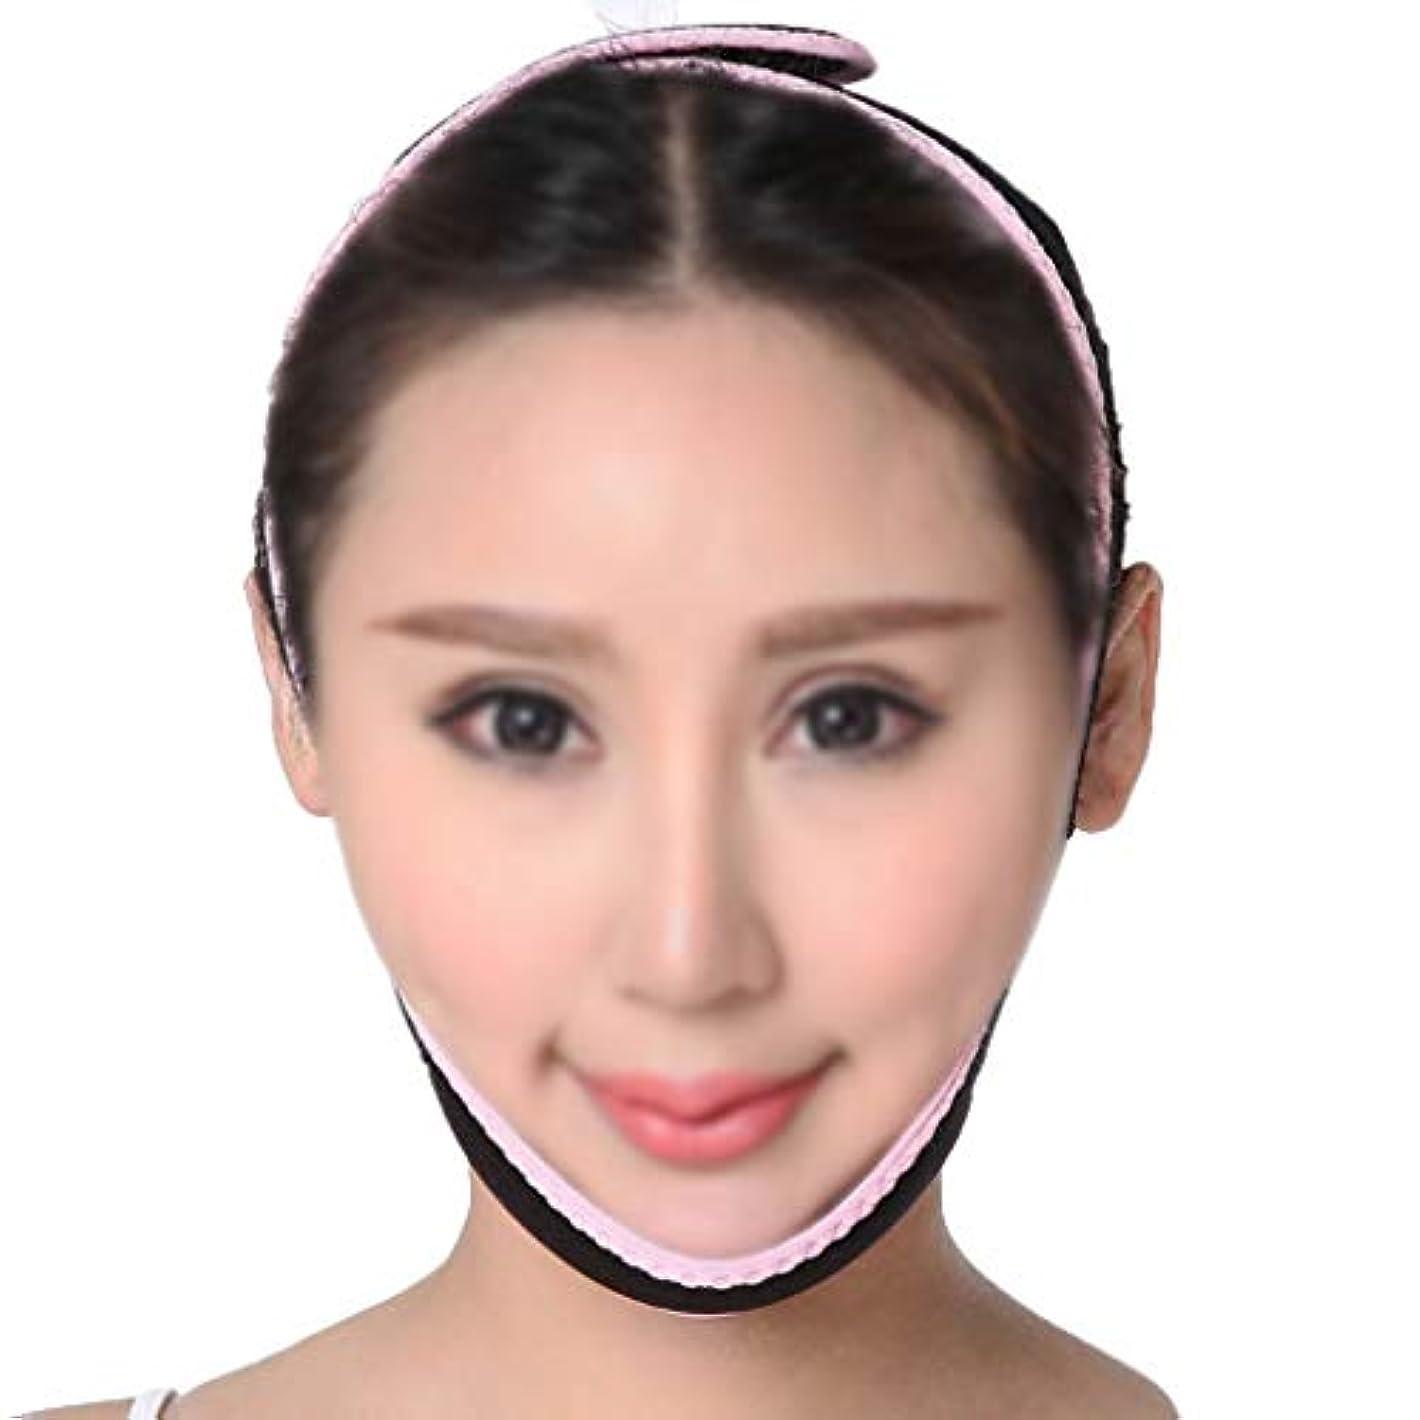 聴覚予算ラショナルGLJJQMY 引き締めマスク薄い顔面マスクフェイスリフティング器具V顔薄い顔面包帯薄い顔マッサージ器薄い顔面マスクフェイスリフティング装置 顔用整形マスク